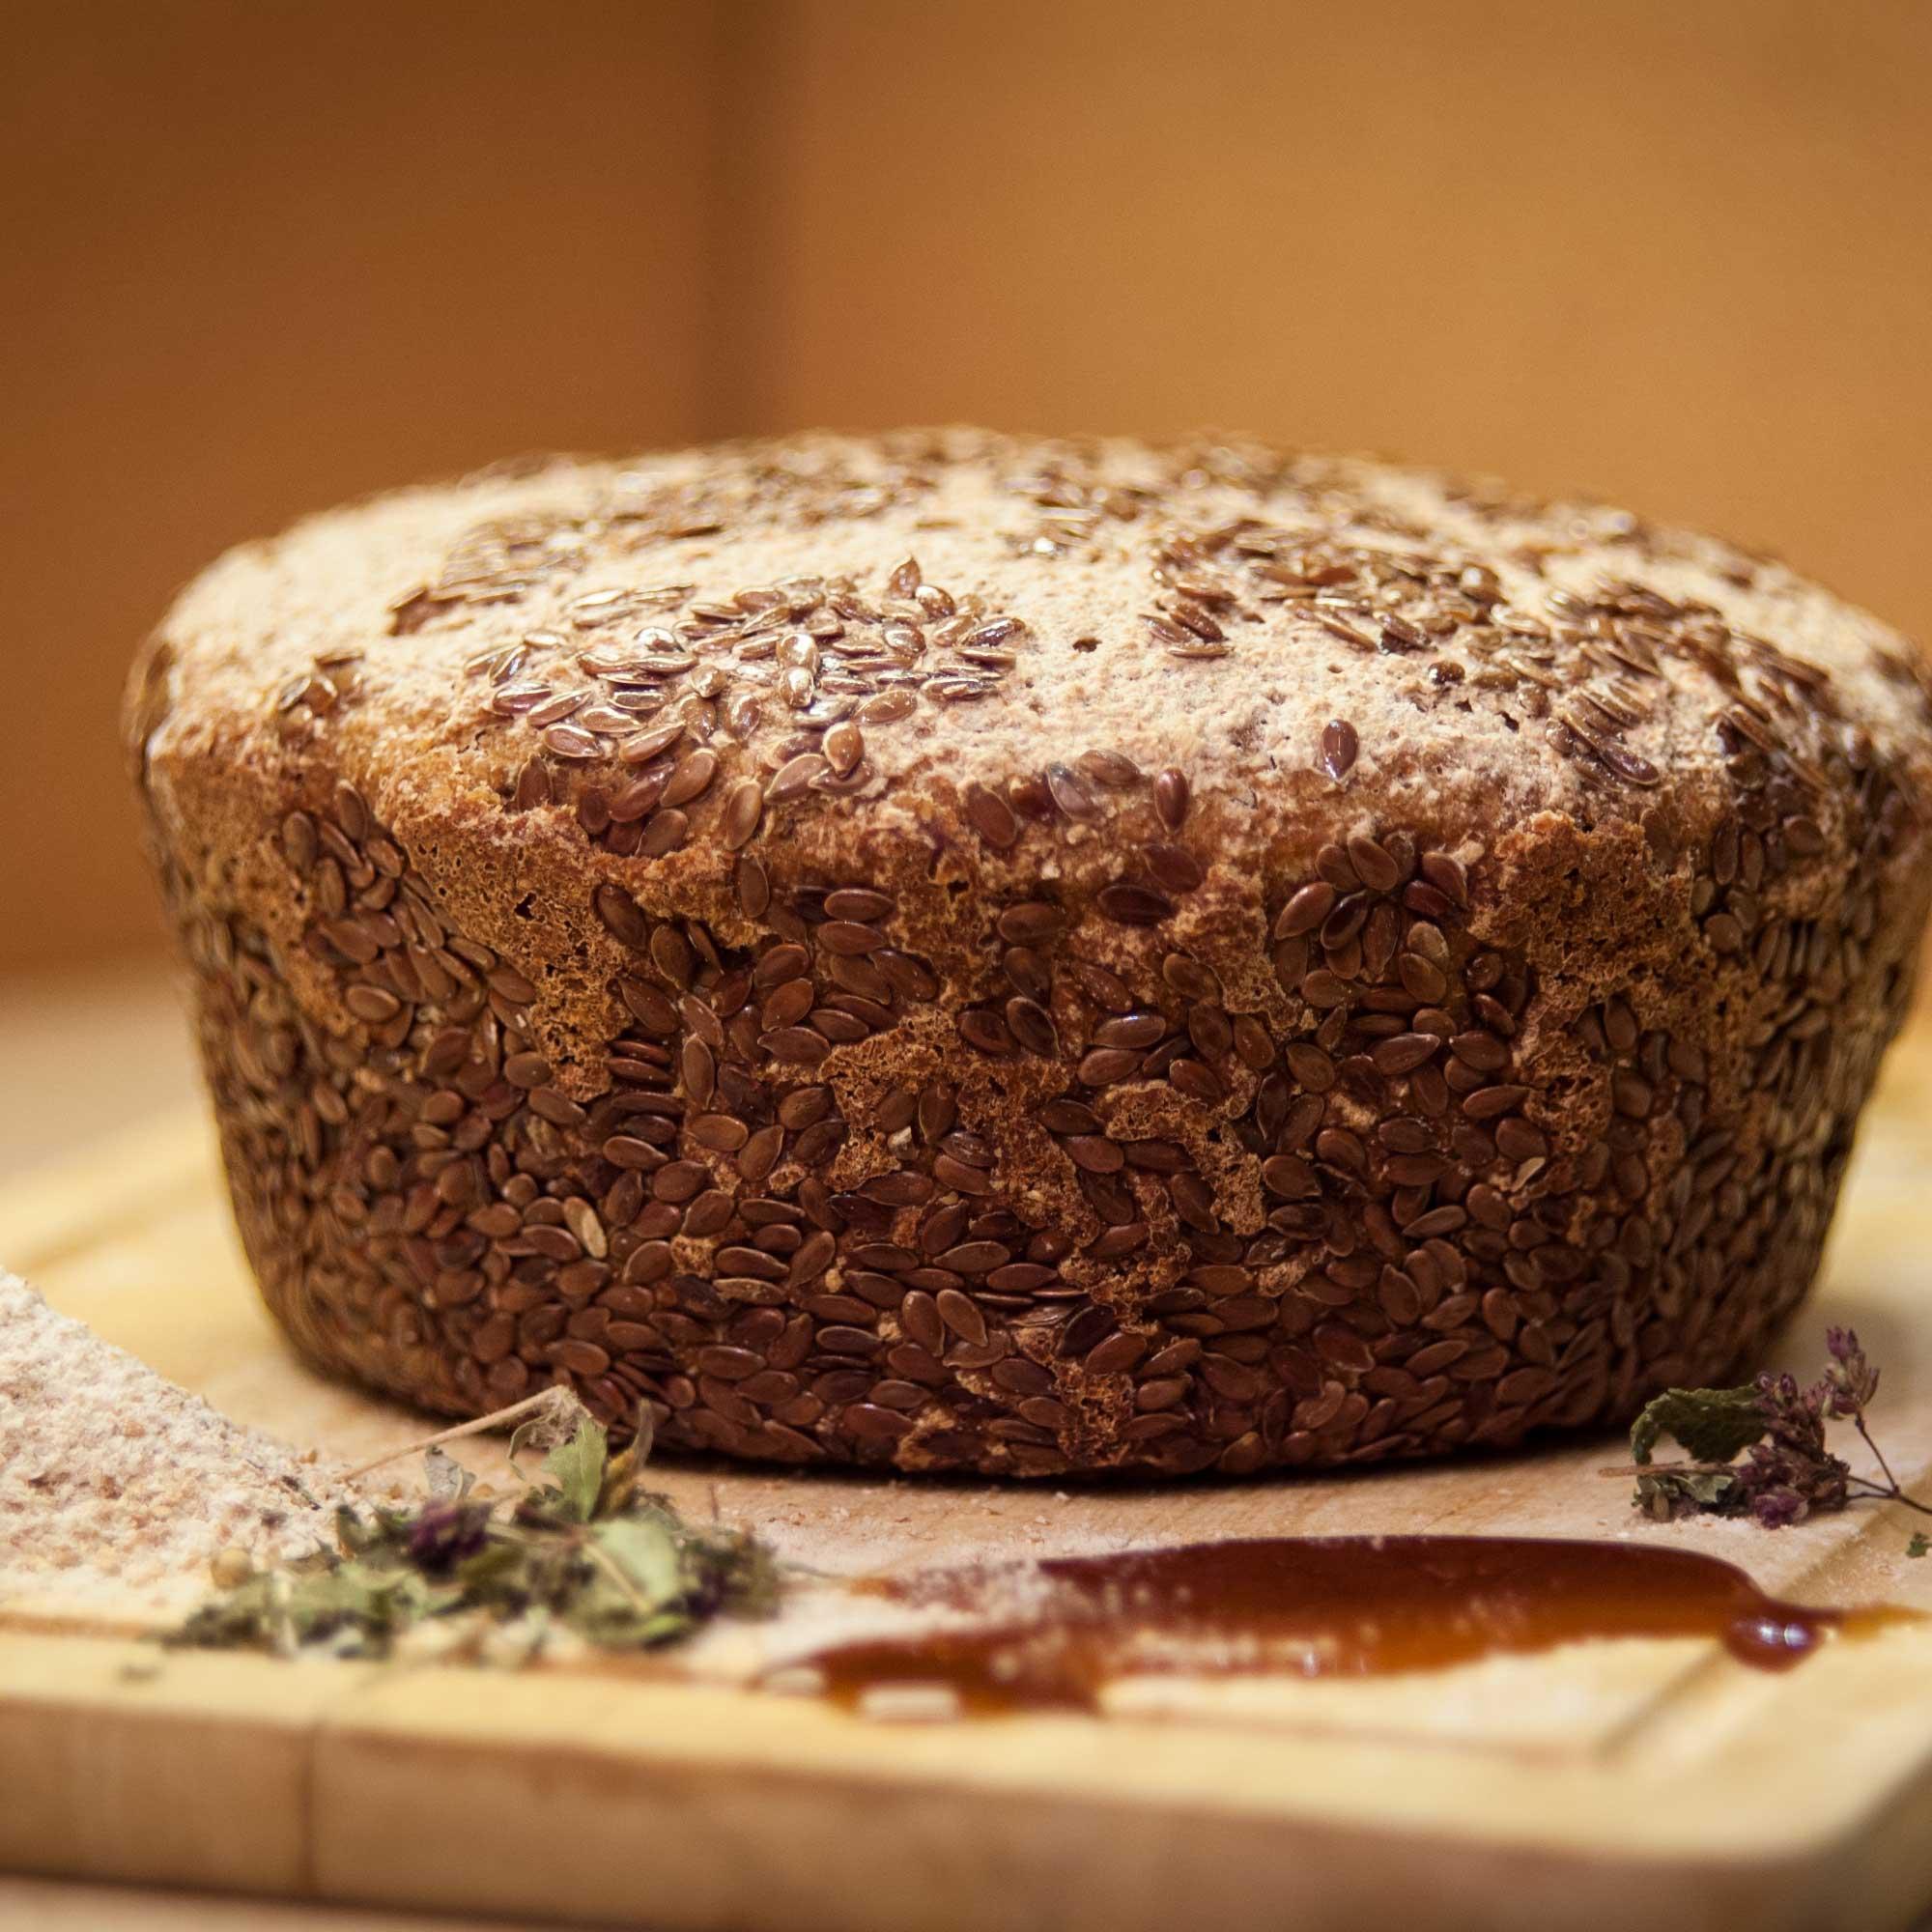 Травяной хлеб на меду в семенах льна